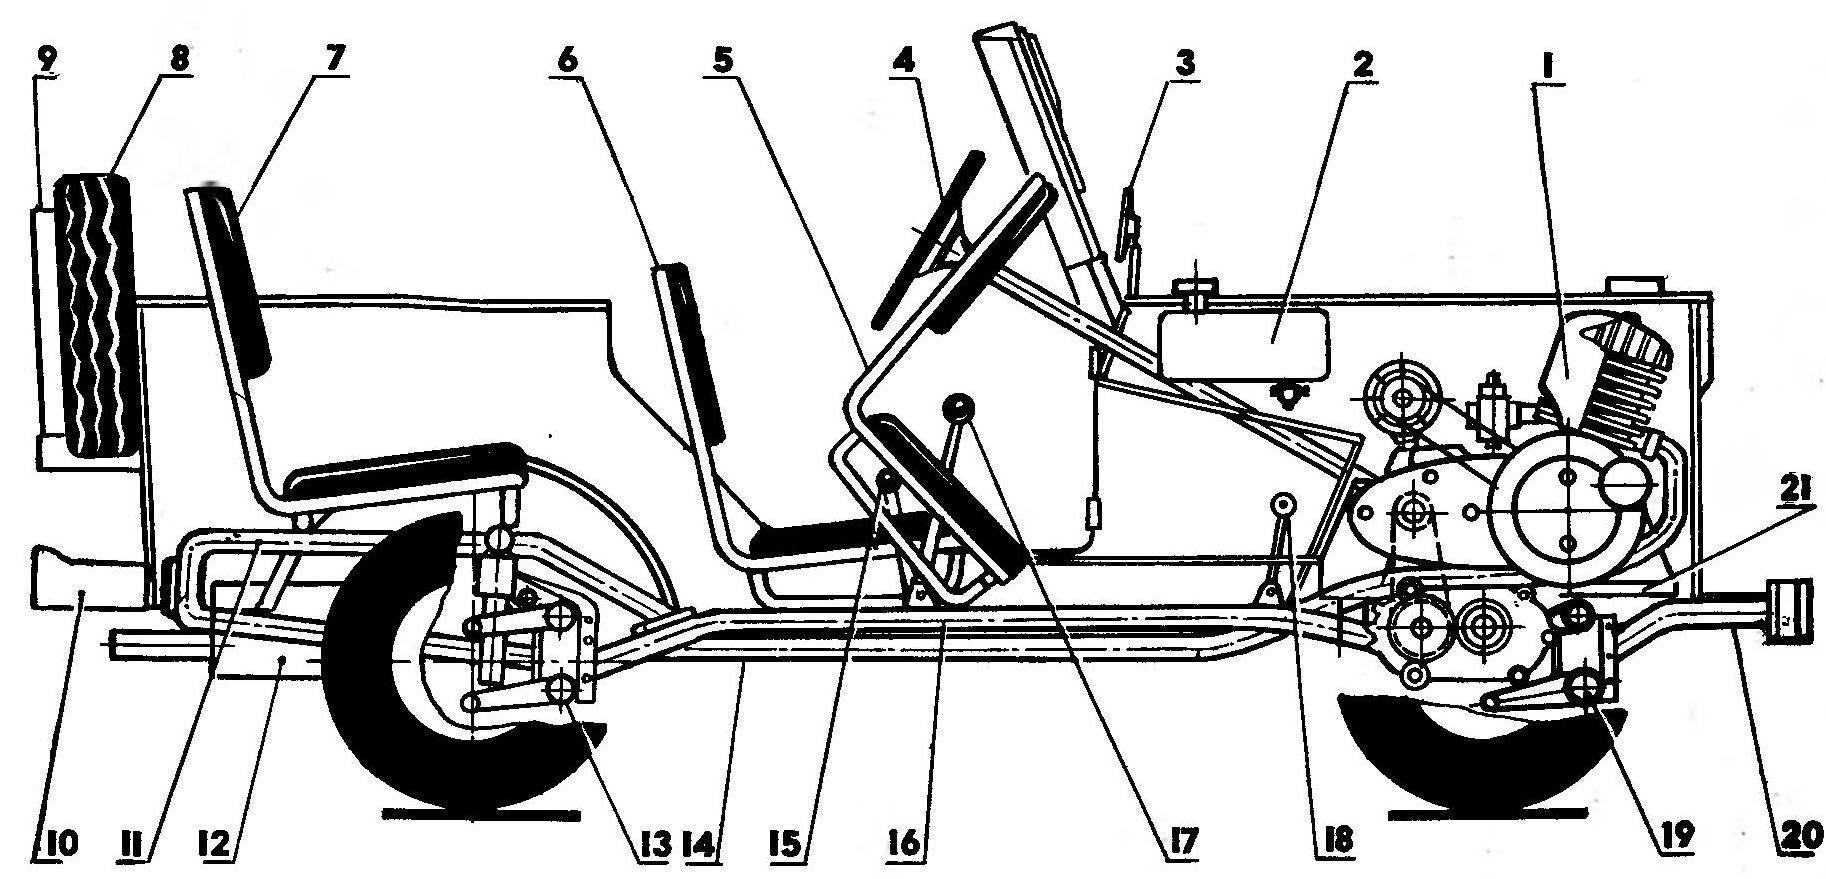 Рис.2. Компоновка мини-джипа